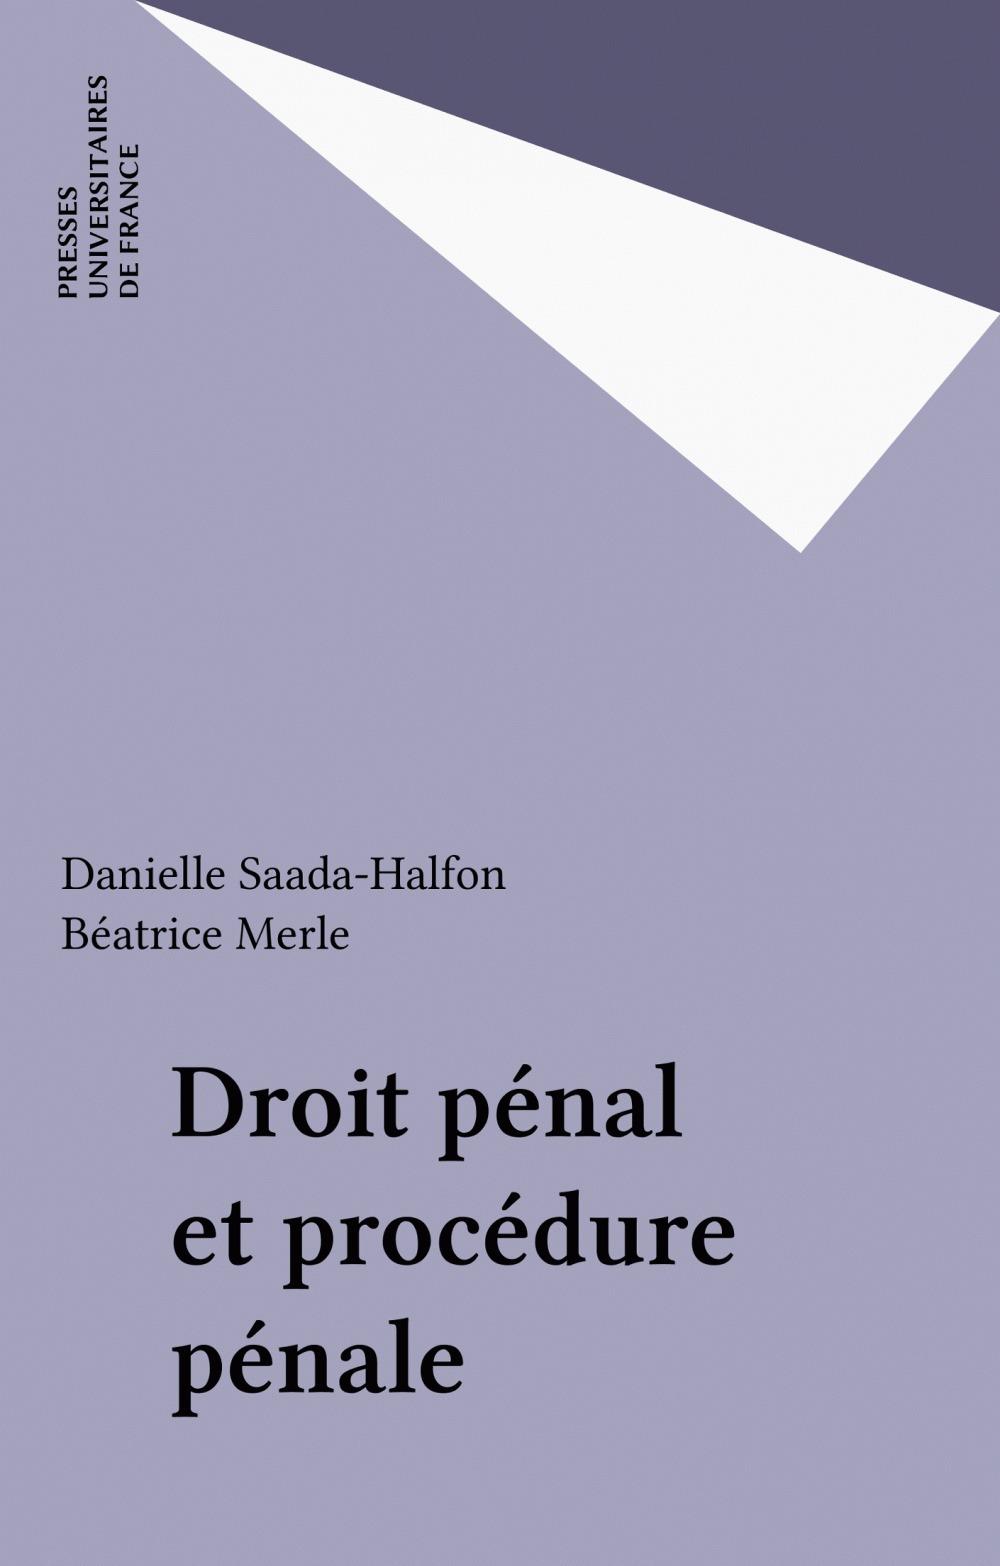 Droit pénal et procédure pénale